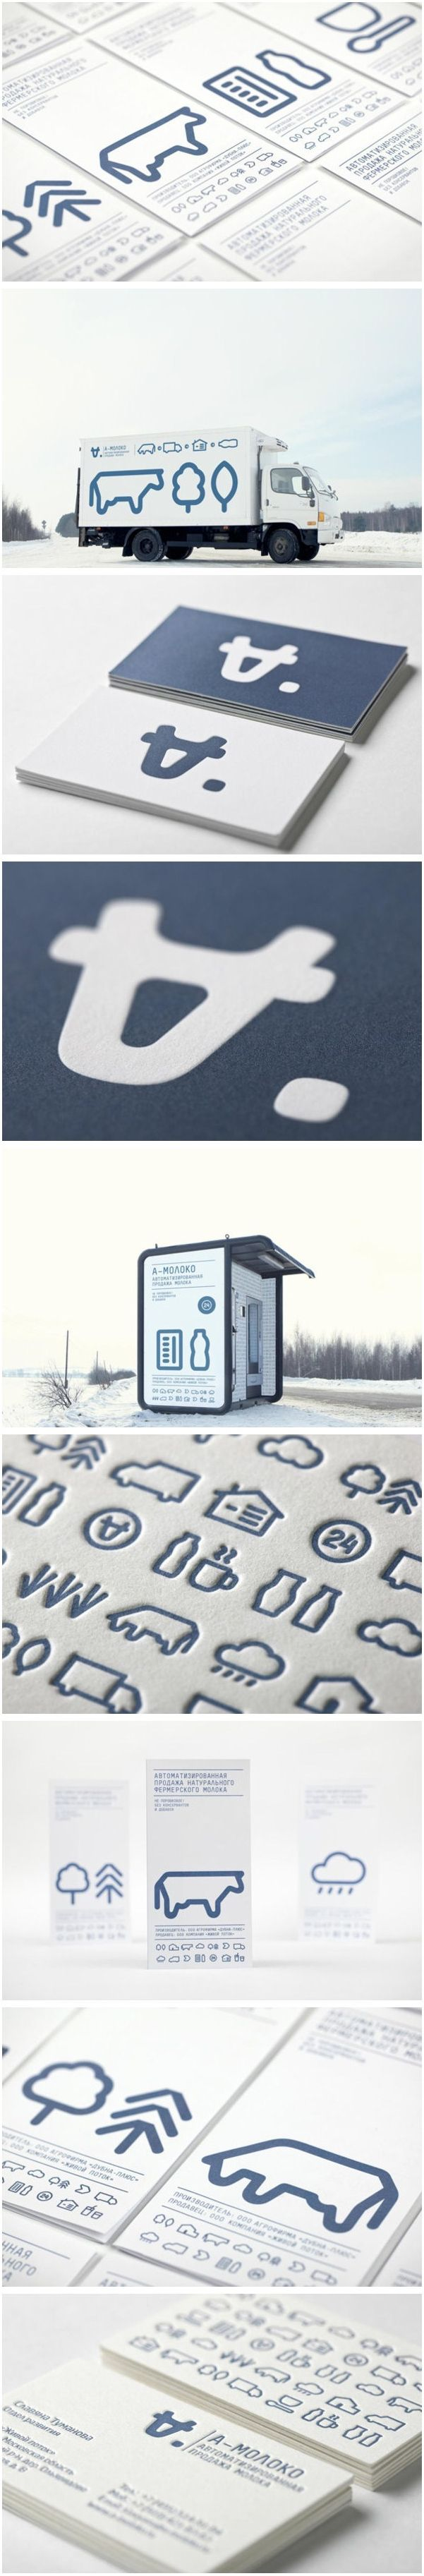 A-Moloko 牛奶品牌創意廣告